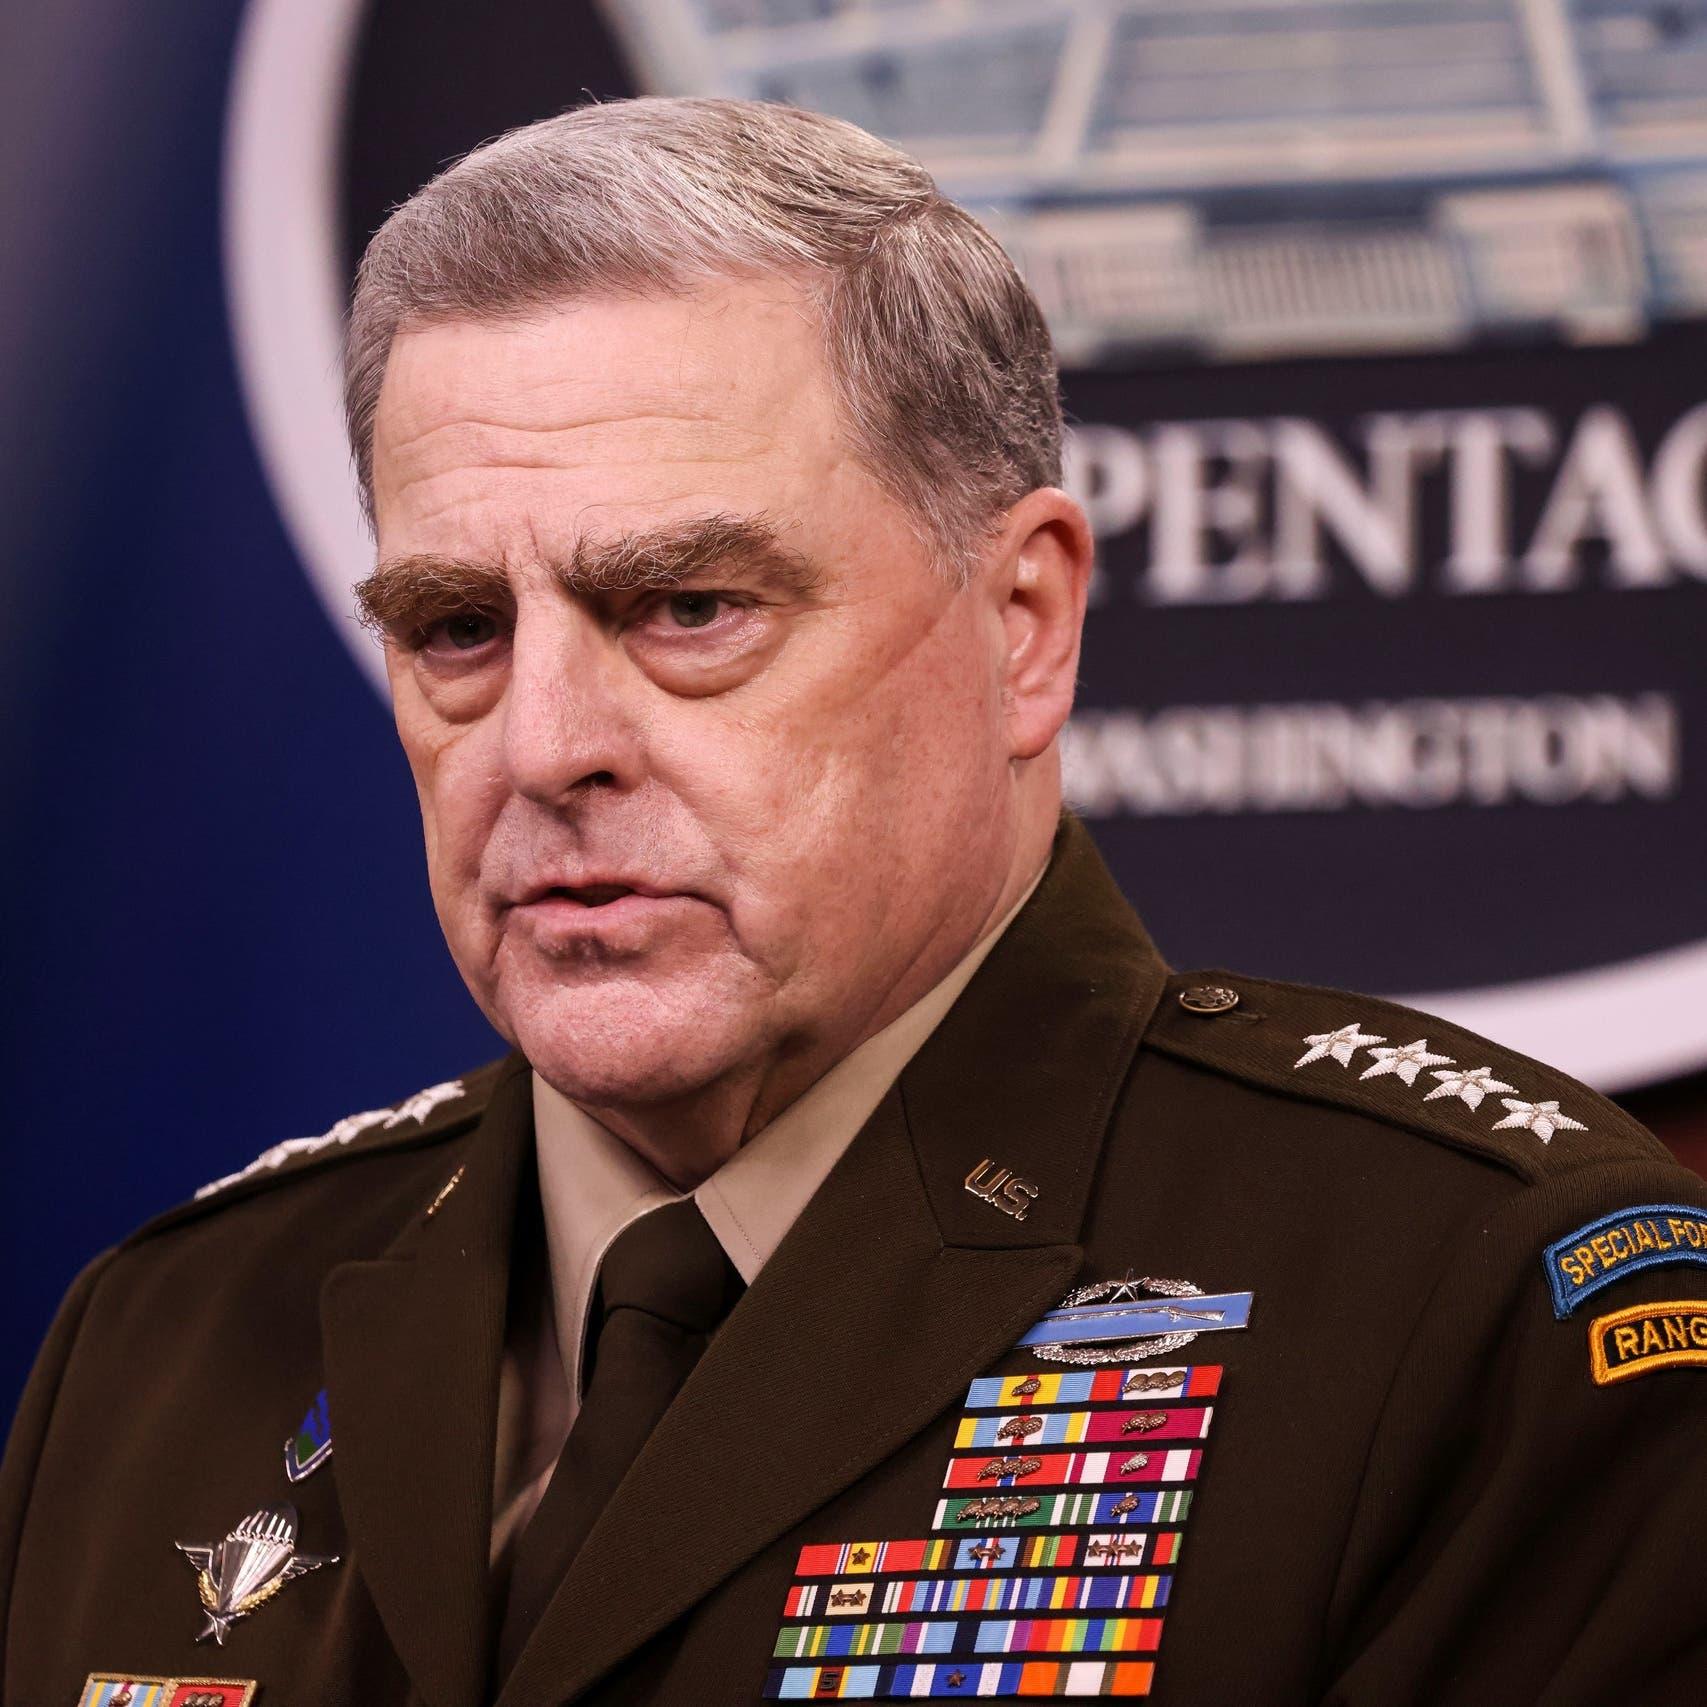 الجيش الأميركي: لم يتضح بعد إن كانت طالبان قد تغيرت